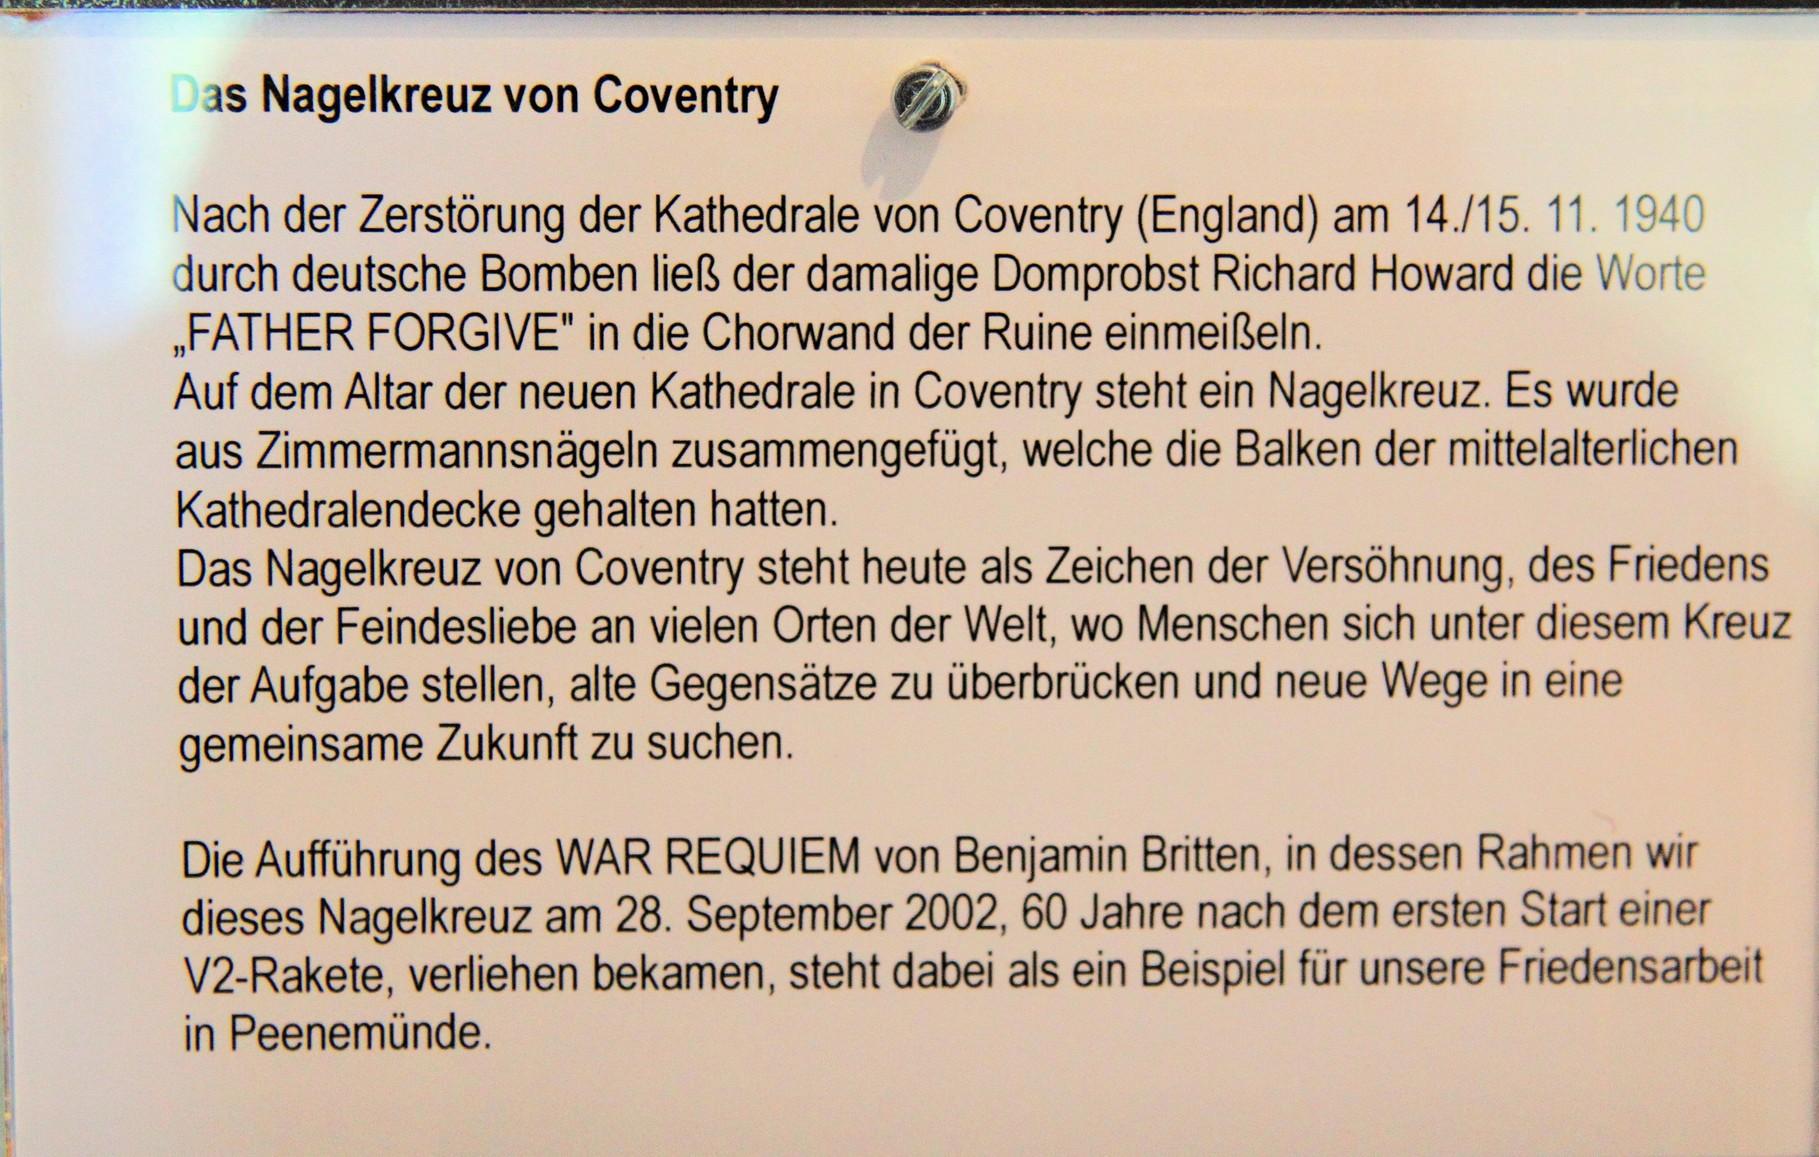 Erklärung zum Nagelkreuz von Coventry...